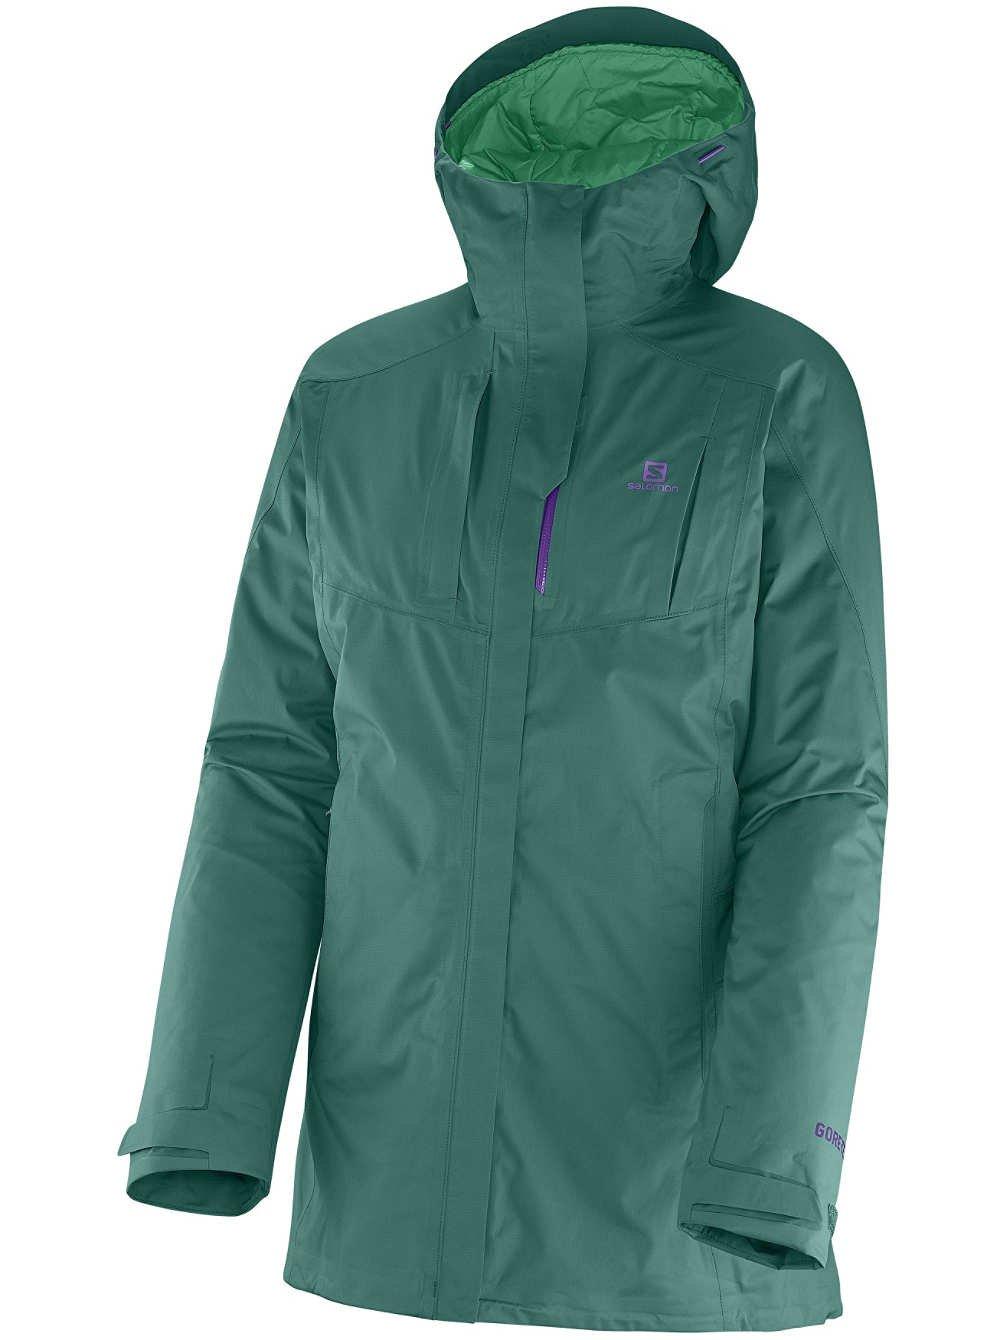 Damen Snowboard Jacke Salomon Cyclone Jacket günstig online kaufen